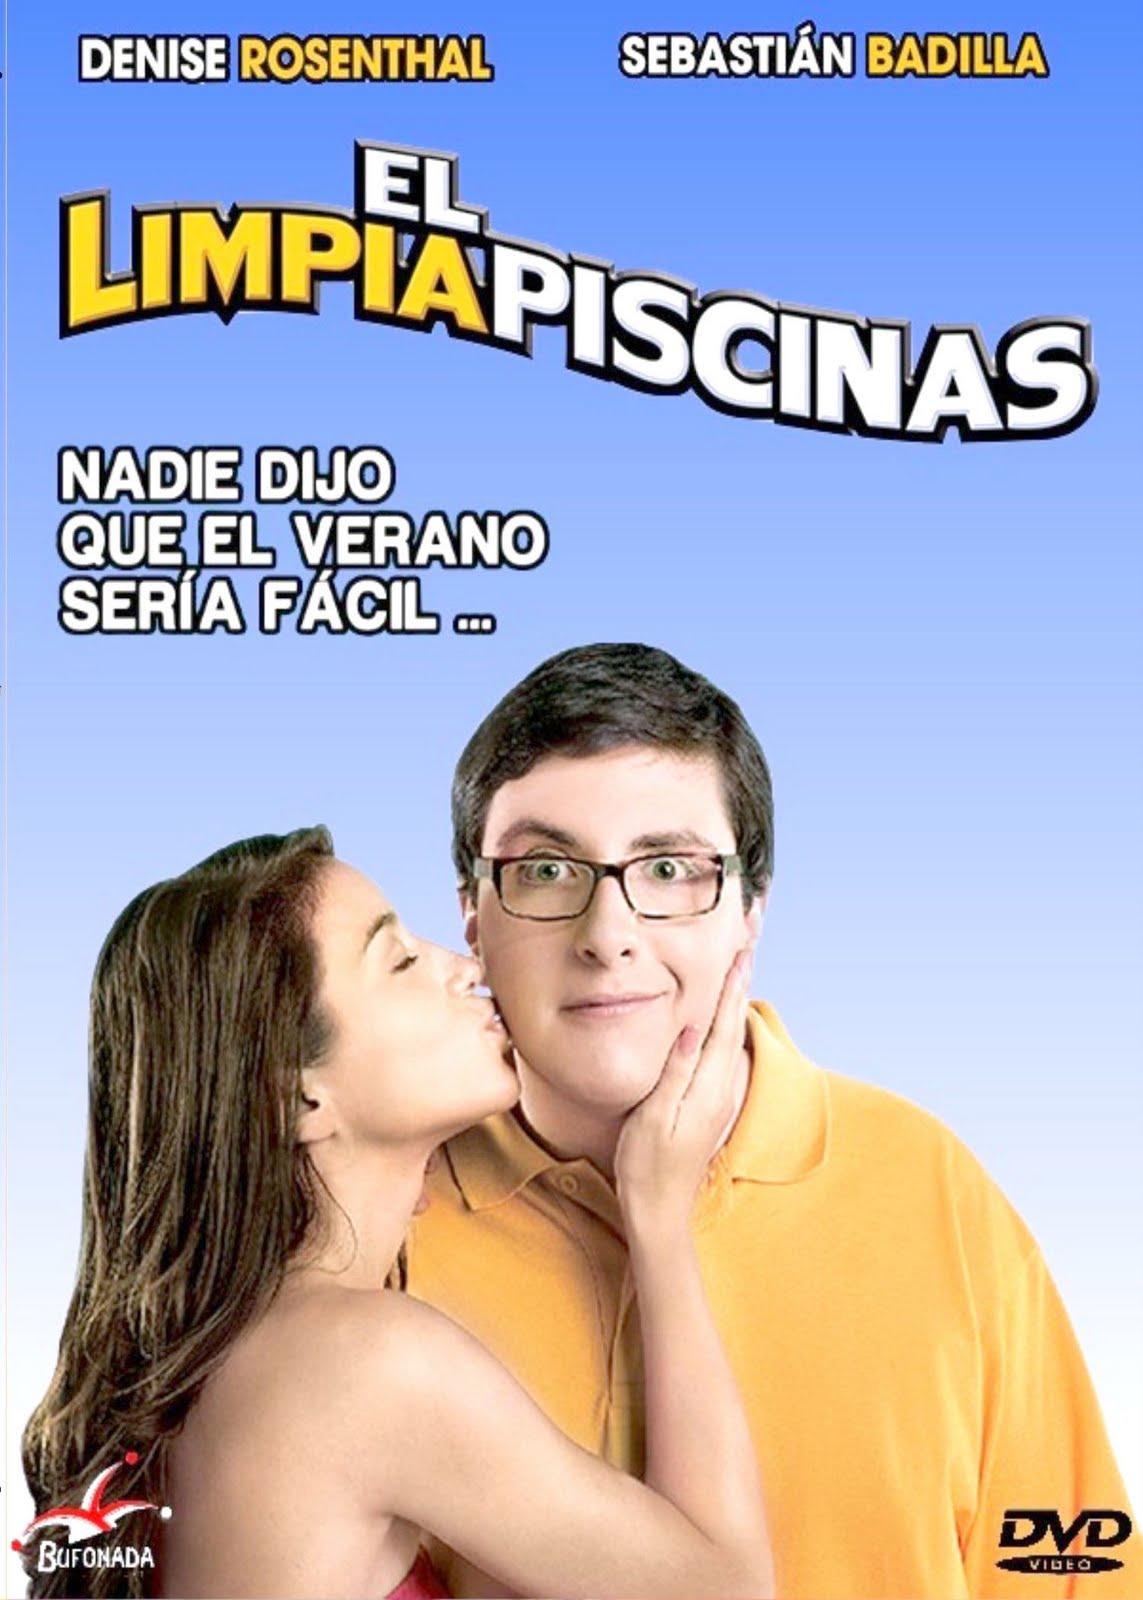 El limpiapiscinas (2011)